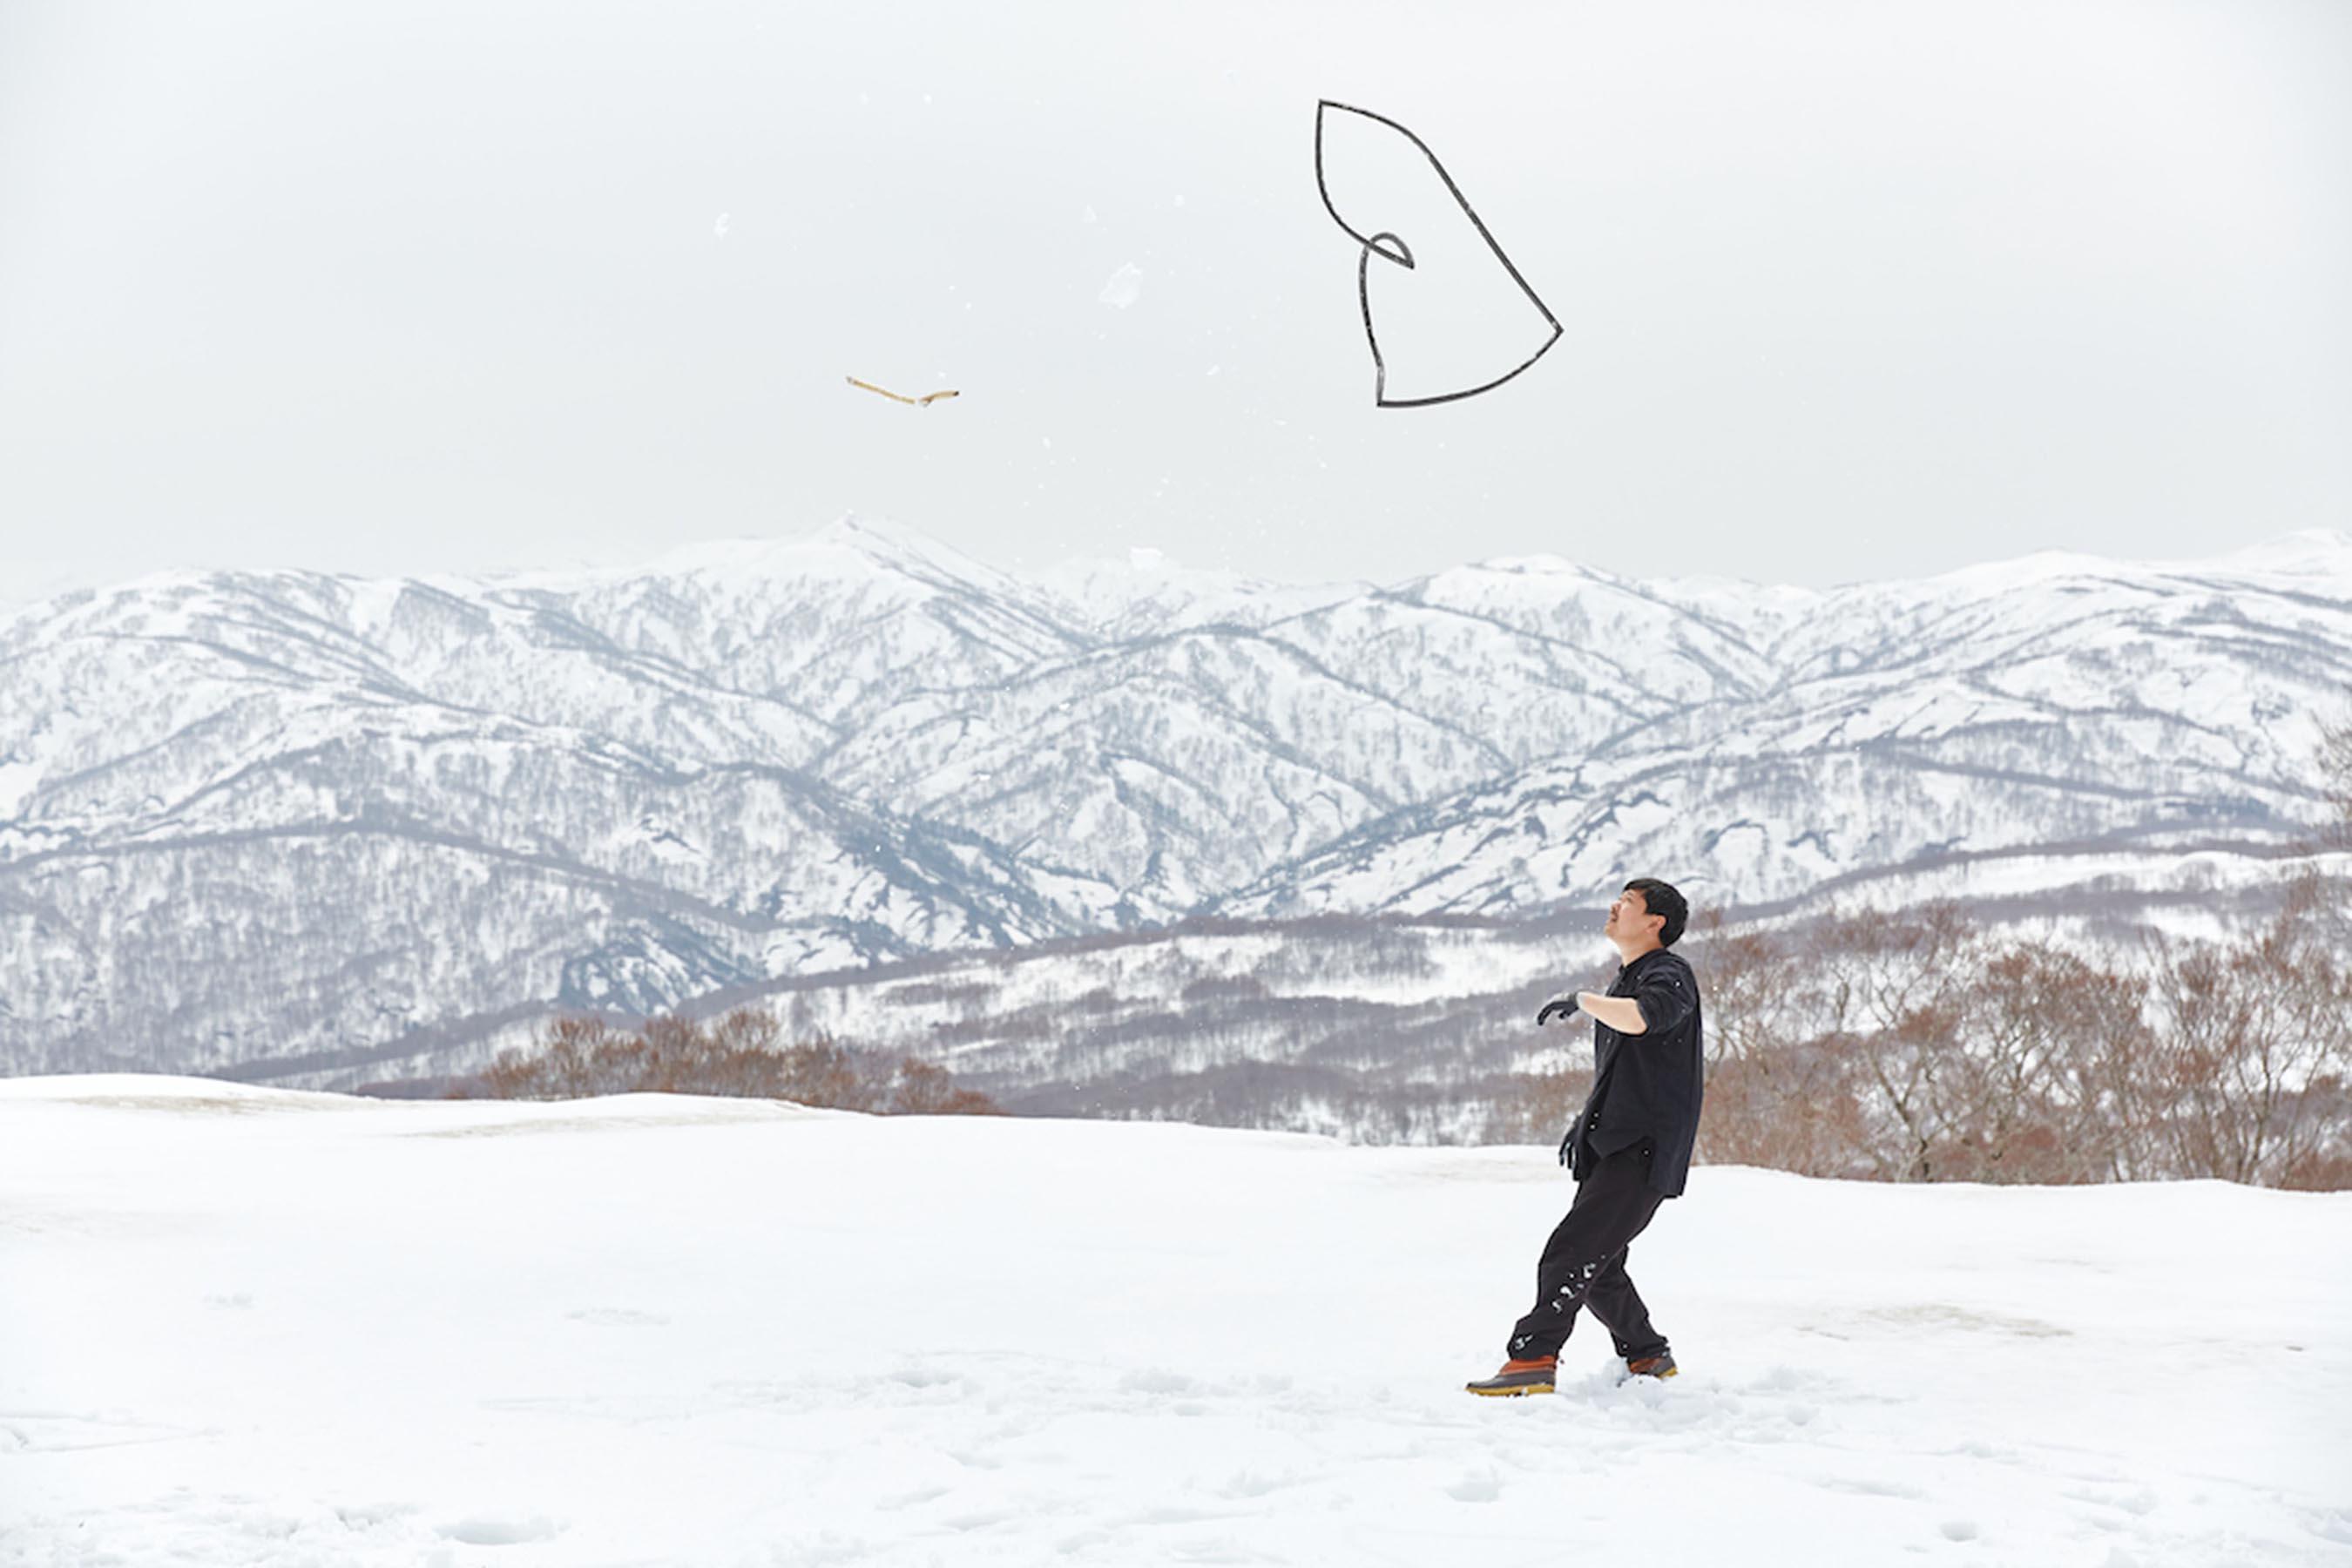 大原大次郎さん《もじばけ》のためのスタディ/月山にて根岸功撮影